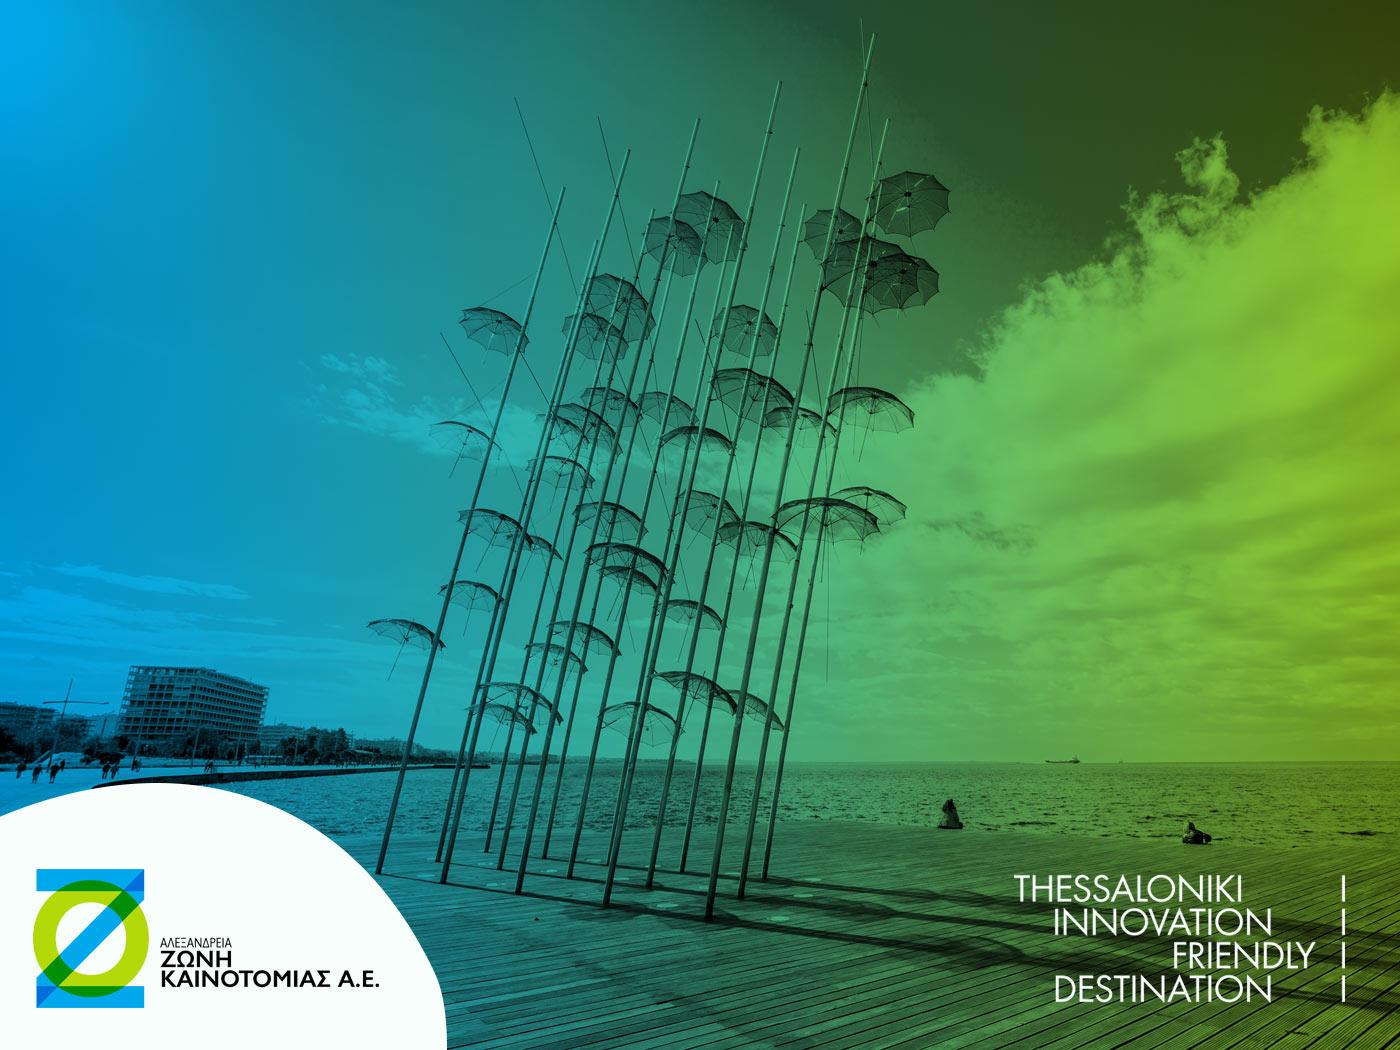 Πώς η Θεσσαλονίκη μπαίνει στον χάρτη της διεθνούς καινοτομίας